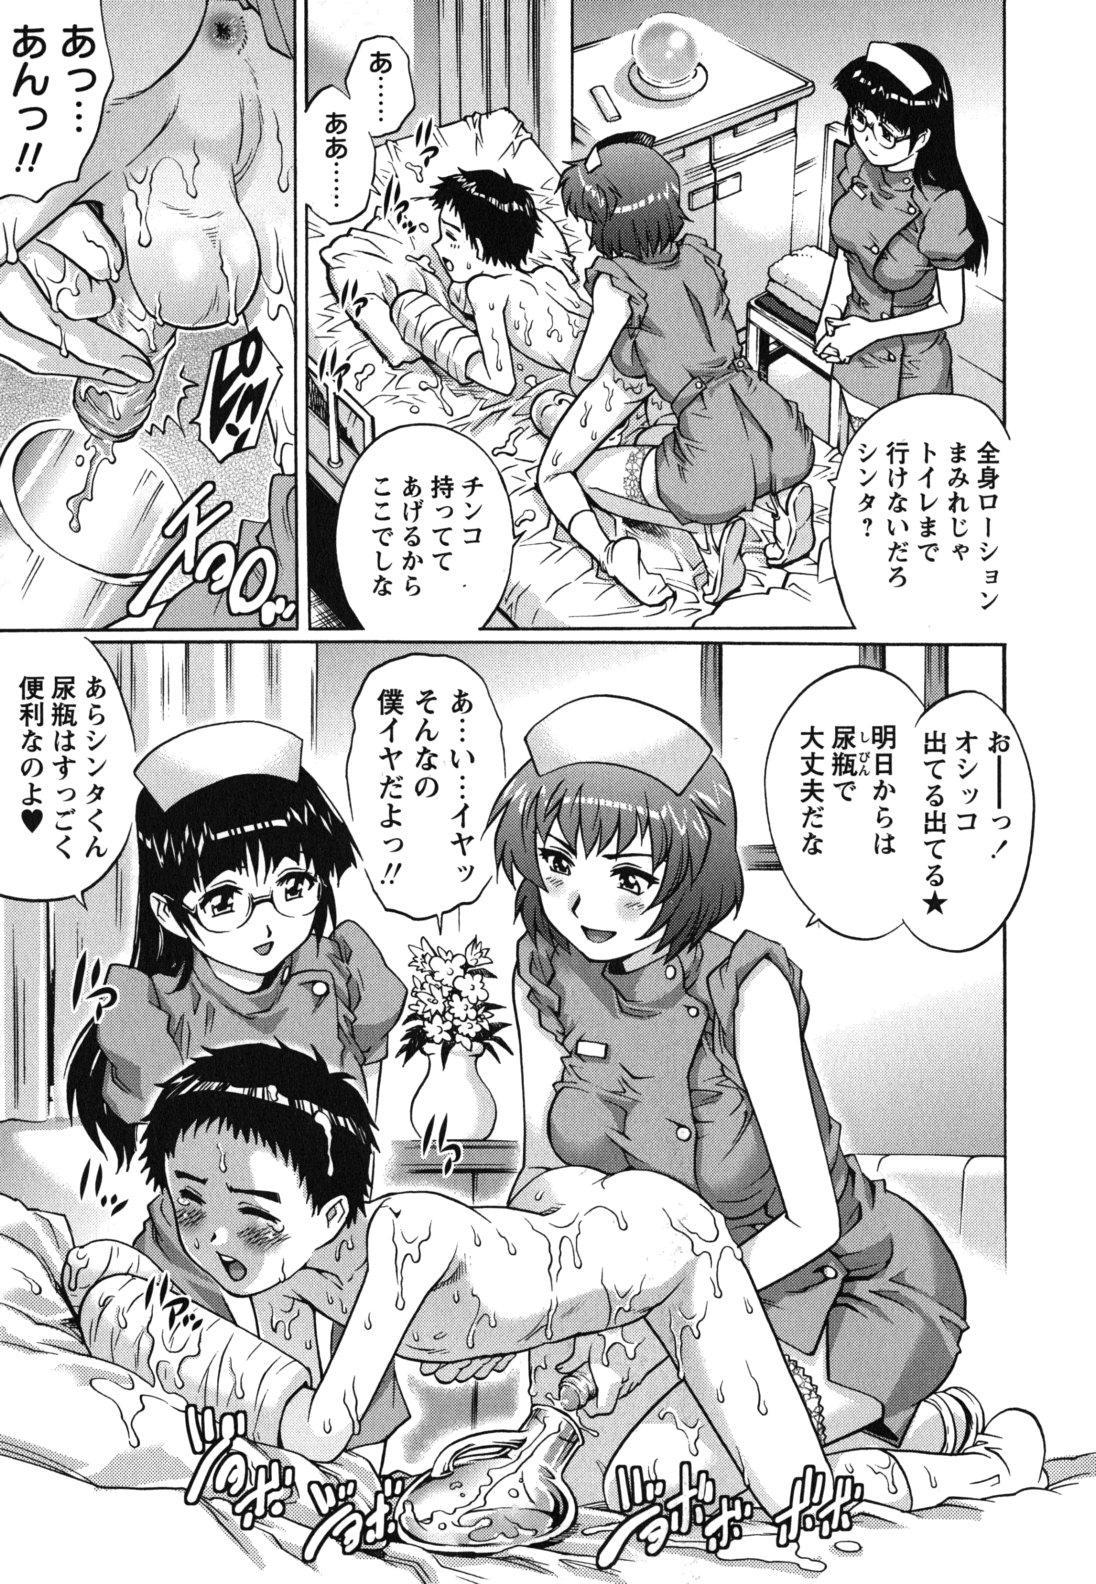 Hajimete no SEX 25